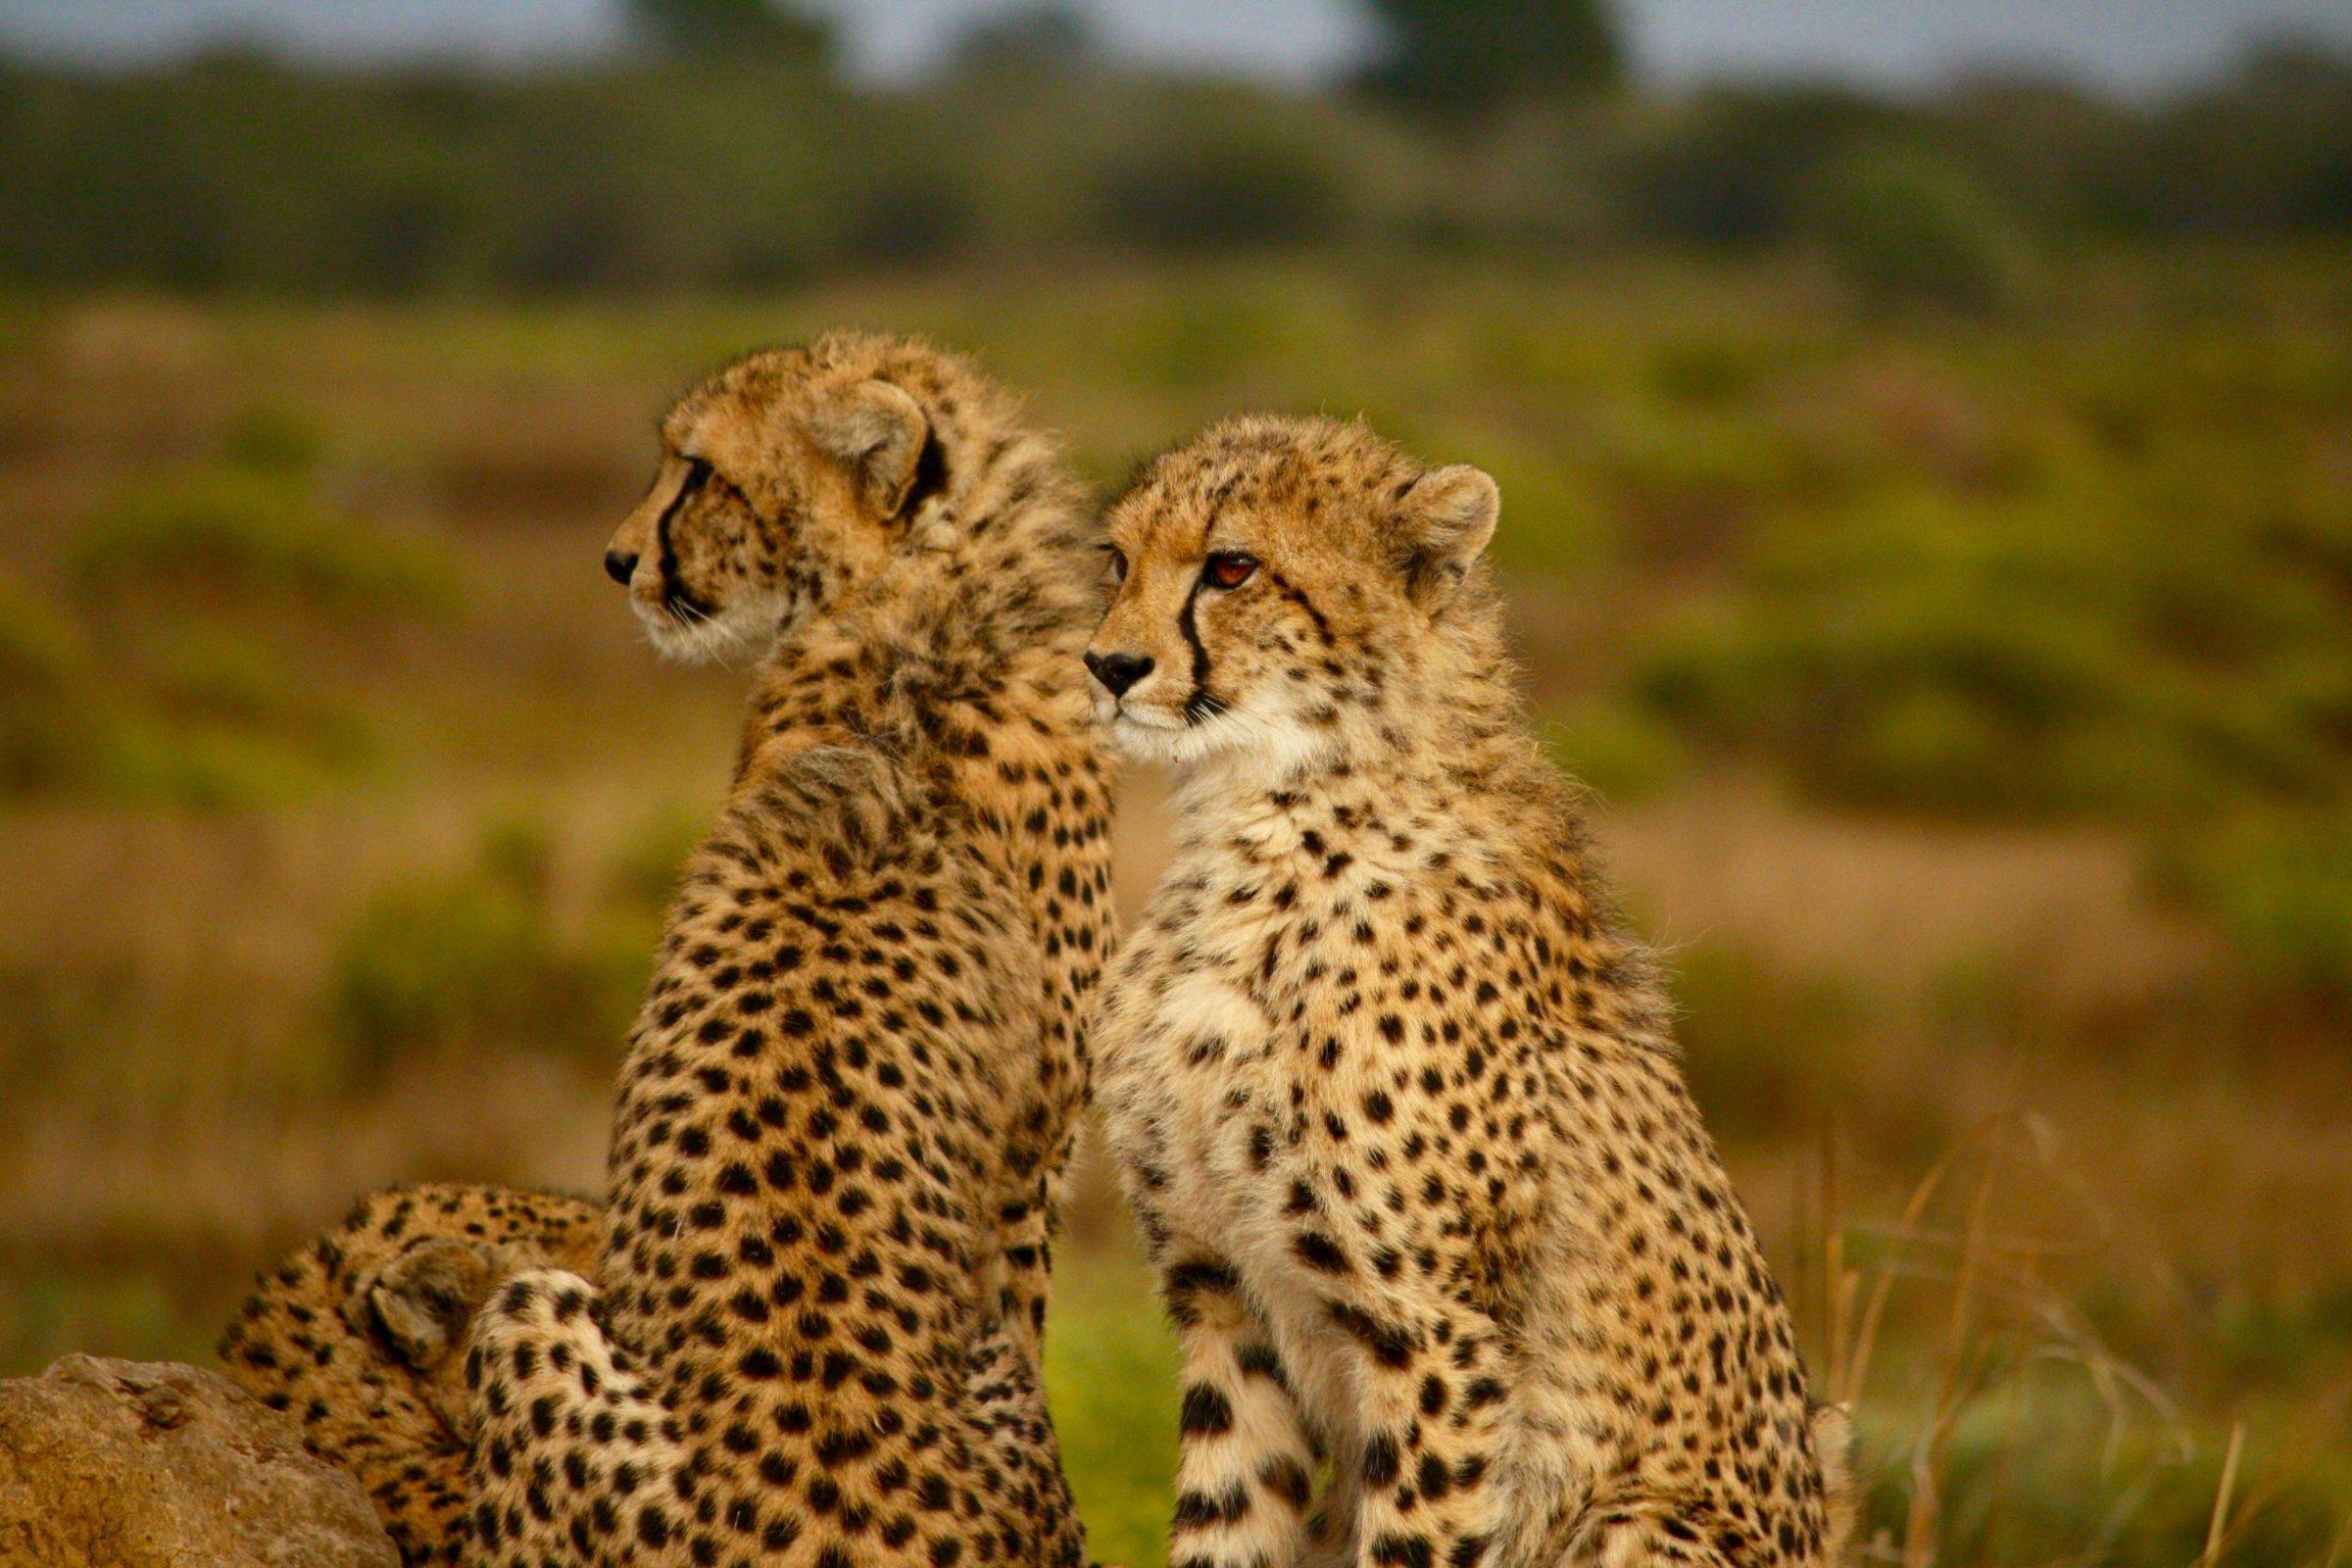 8-Day Cheetah and Big Cat Trails - Botswana Itinerary